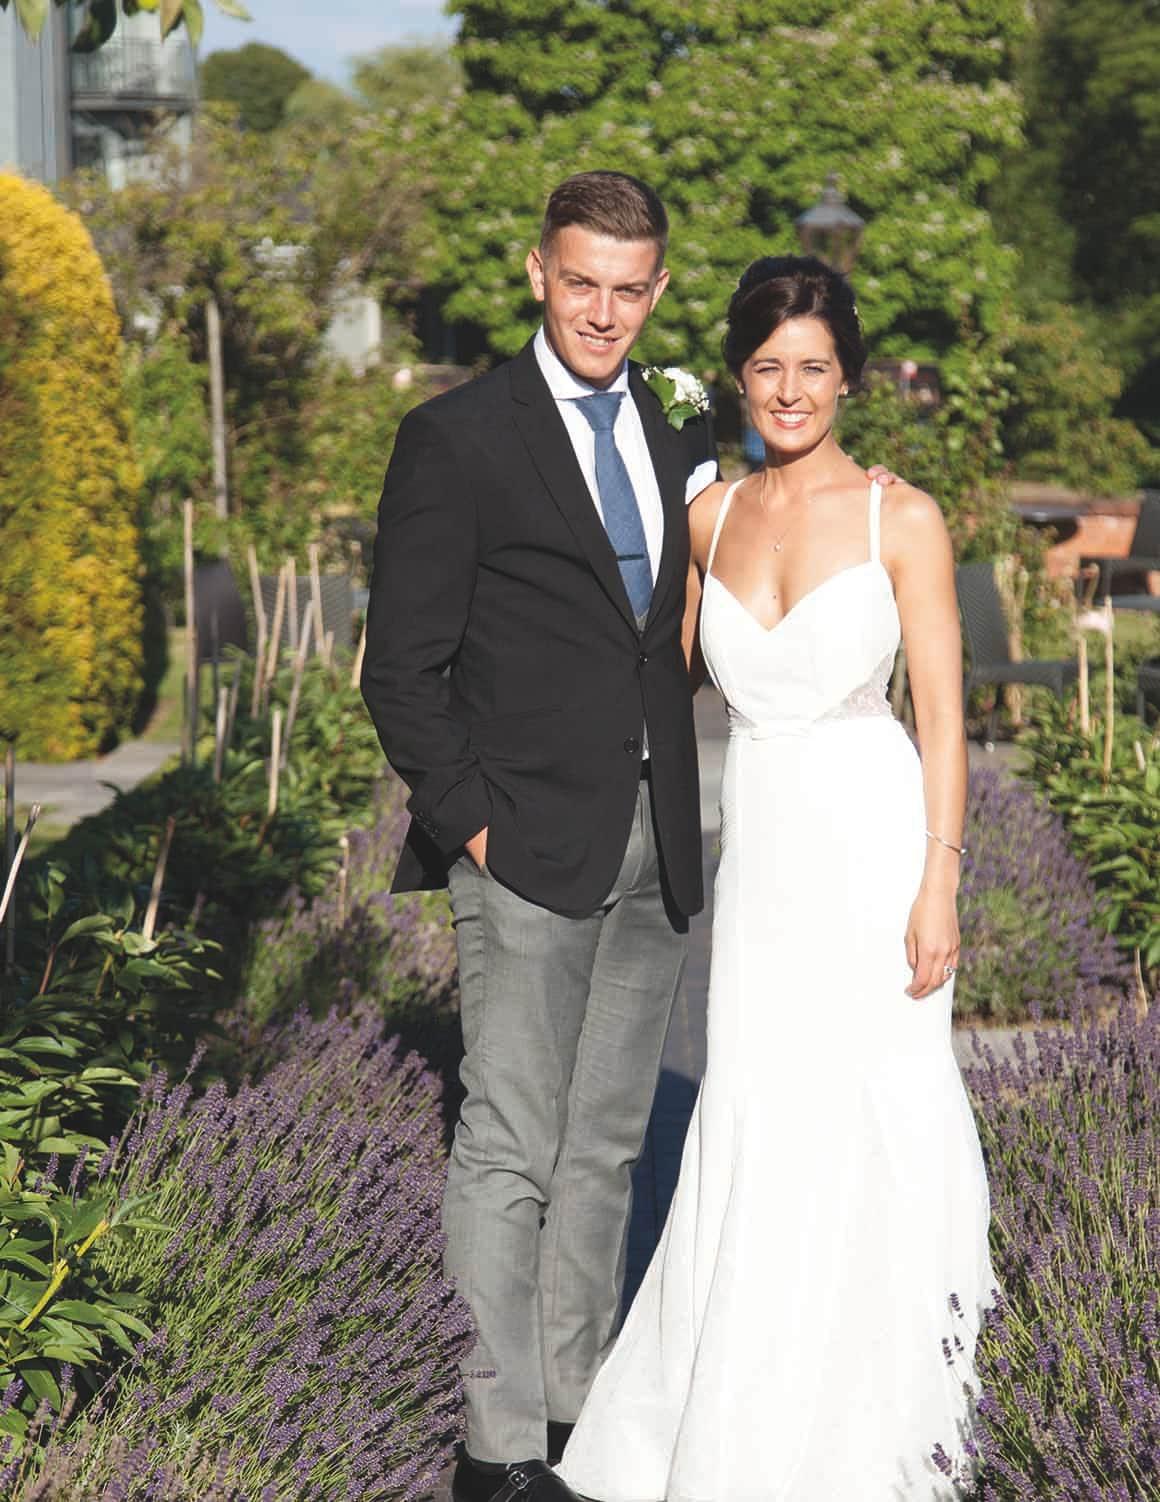 Wedding at The Arden hotel in Stratford-upon-Avon